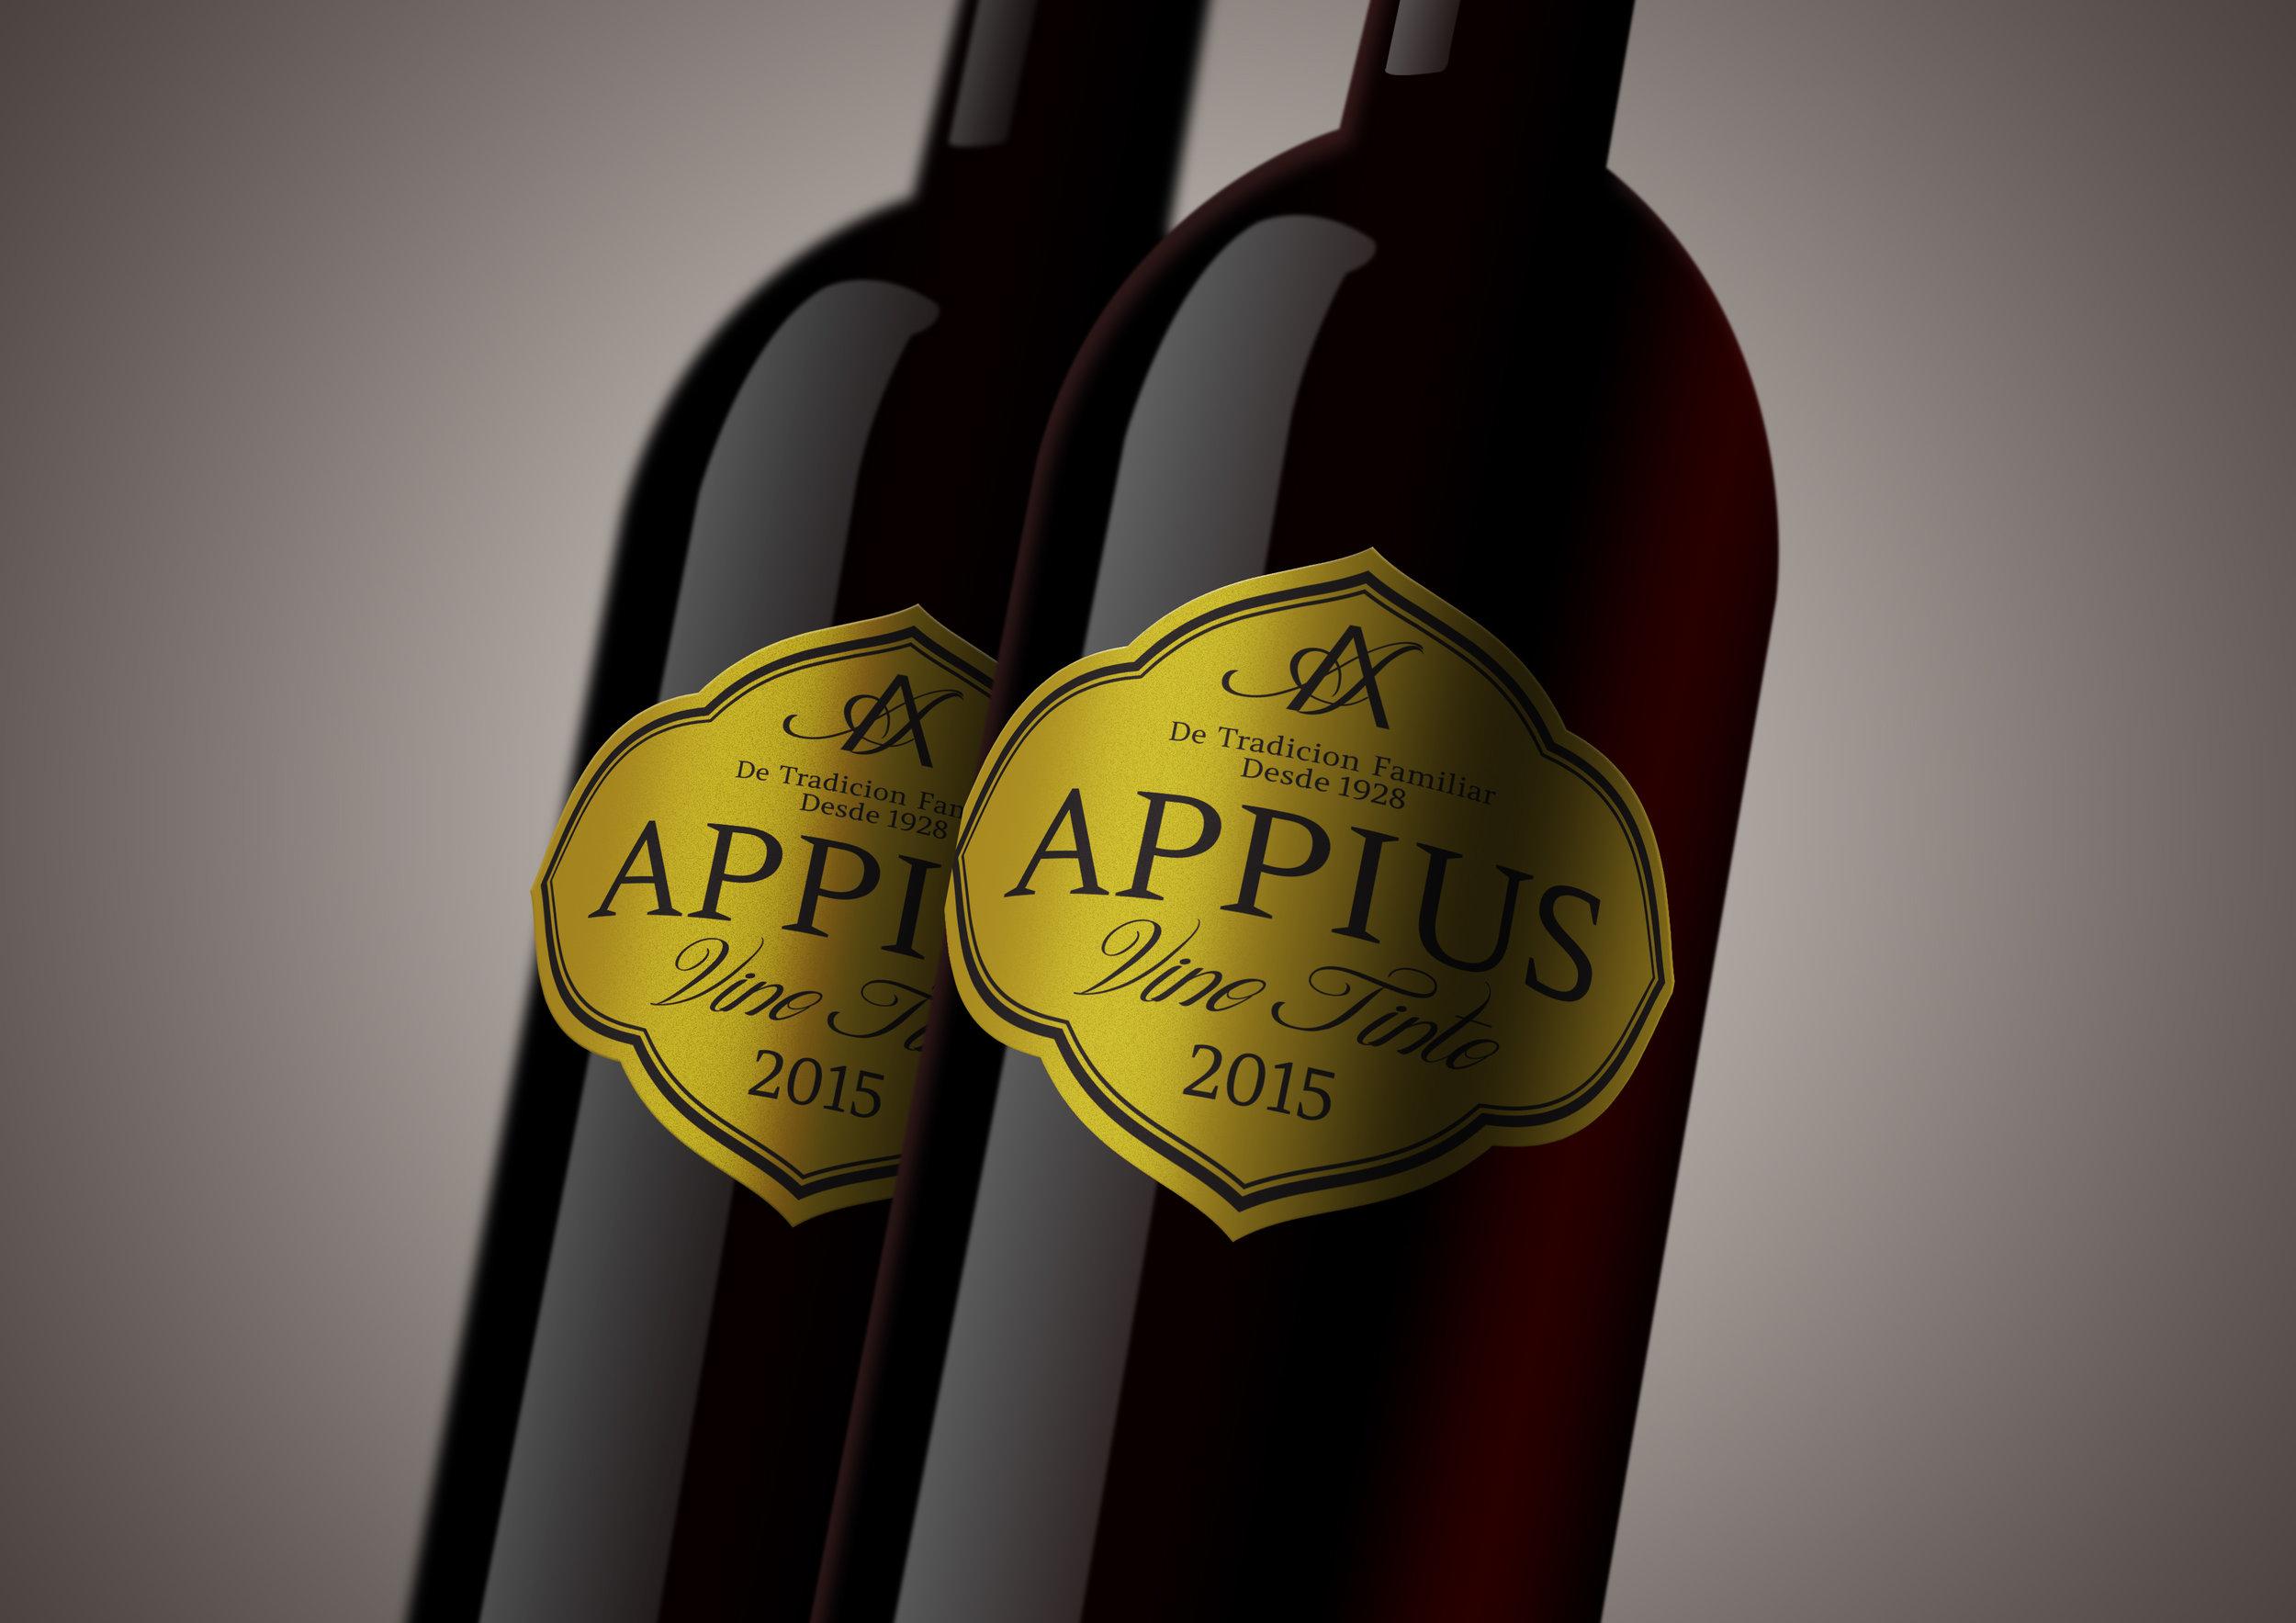 Appius 2 bottle shot.jpg